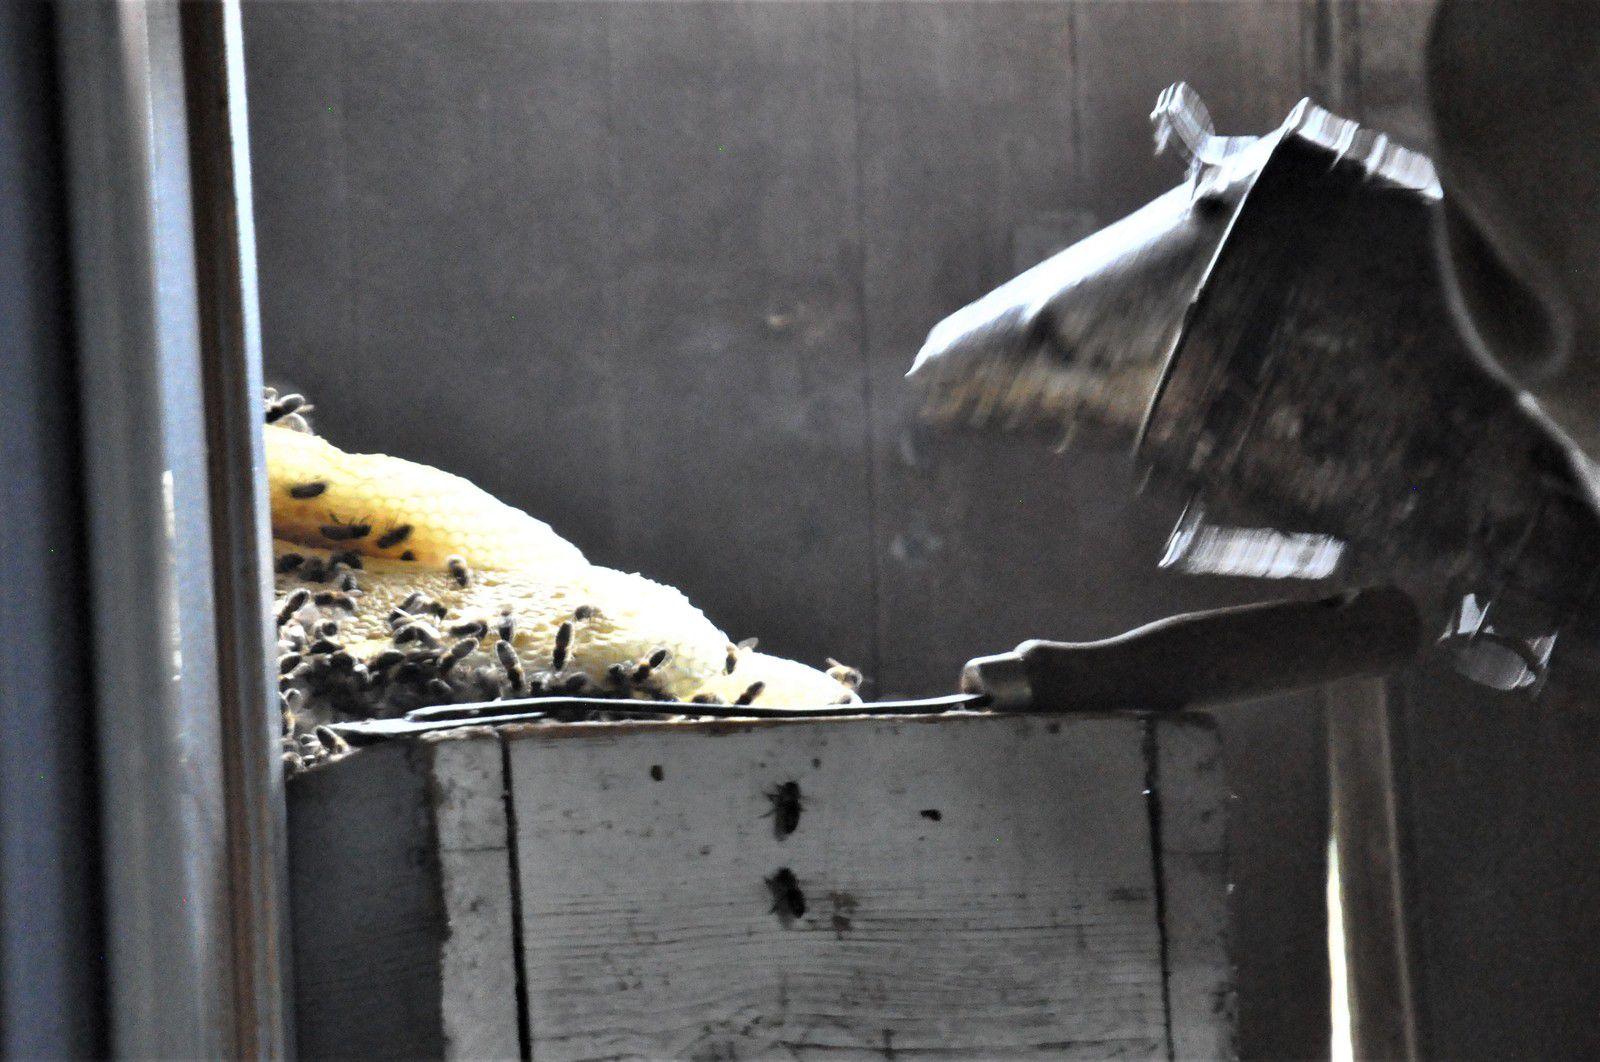 Brossage et enfumage pour faire tomber les abeilles dans la ruchette.